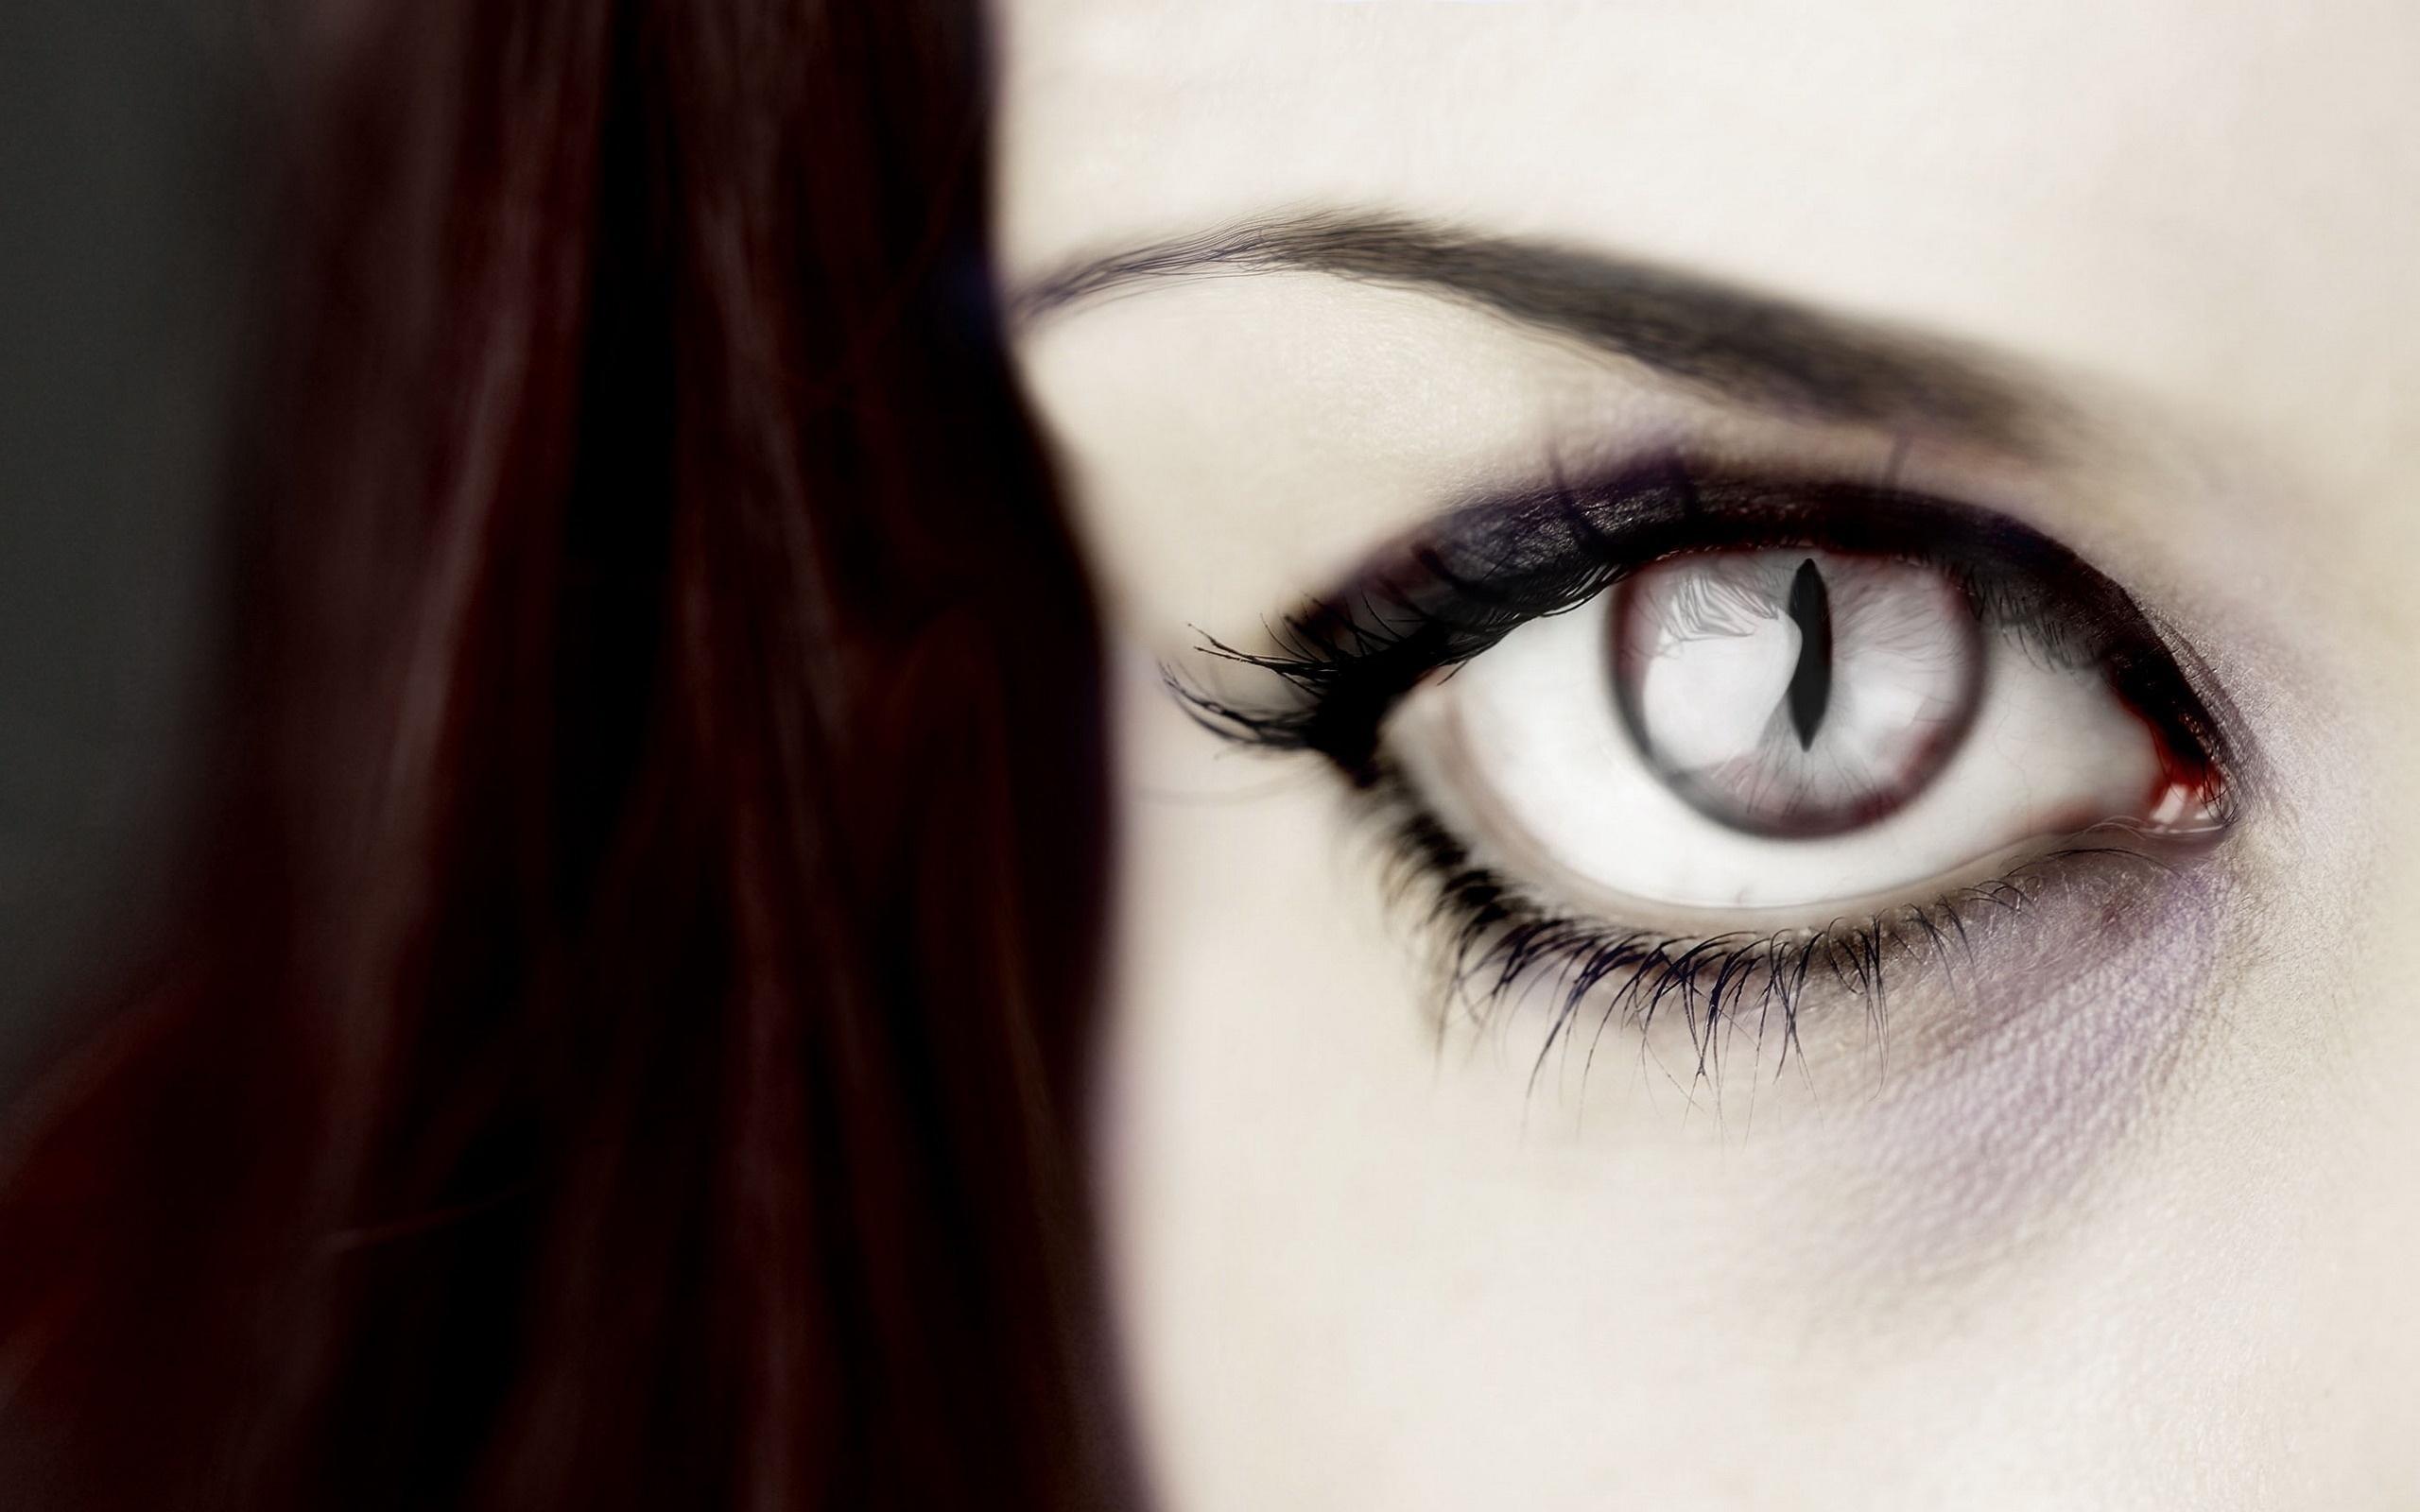 Woman Cat eye